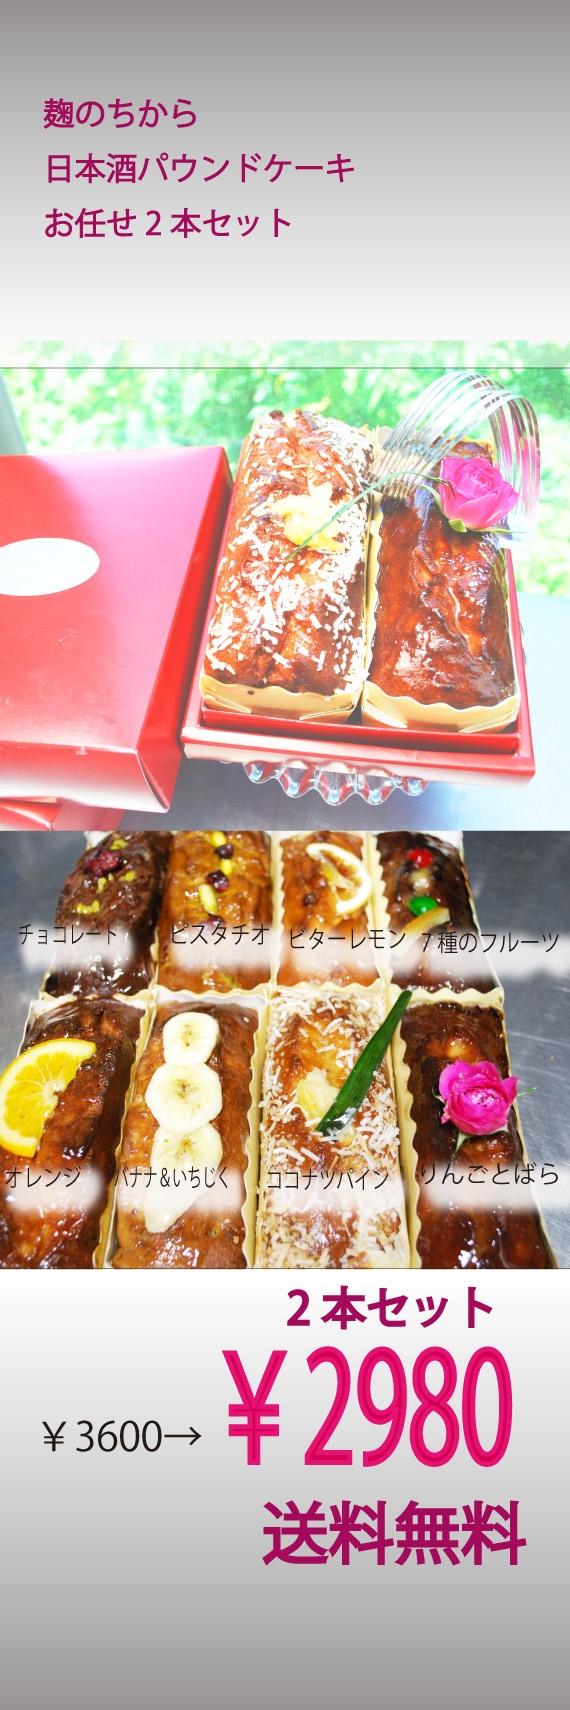 熟成日本酒パウンドケーキ「おまかせ2本セット」【送料無料】オーナーパティシエセレクト!何が届くかお楽しみ!